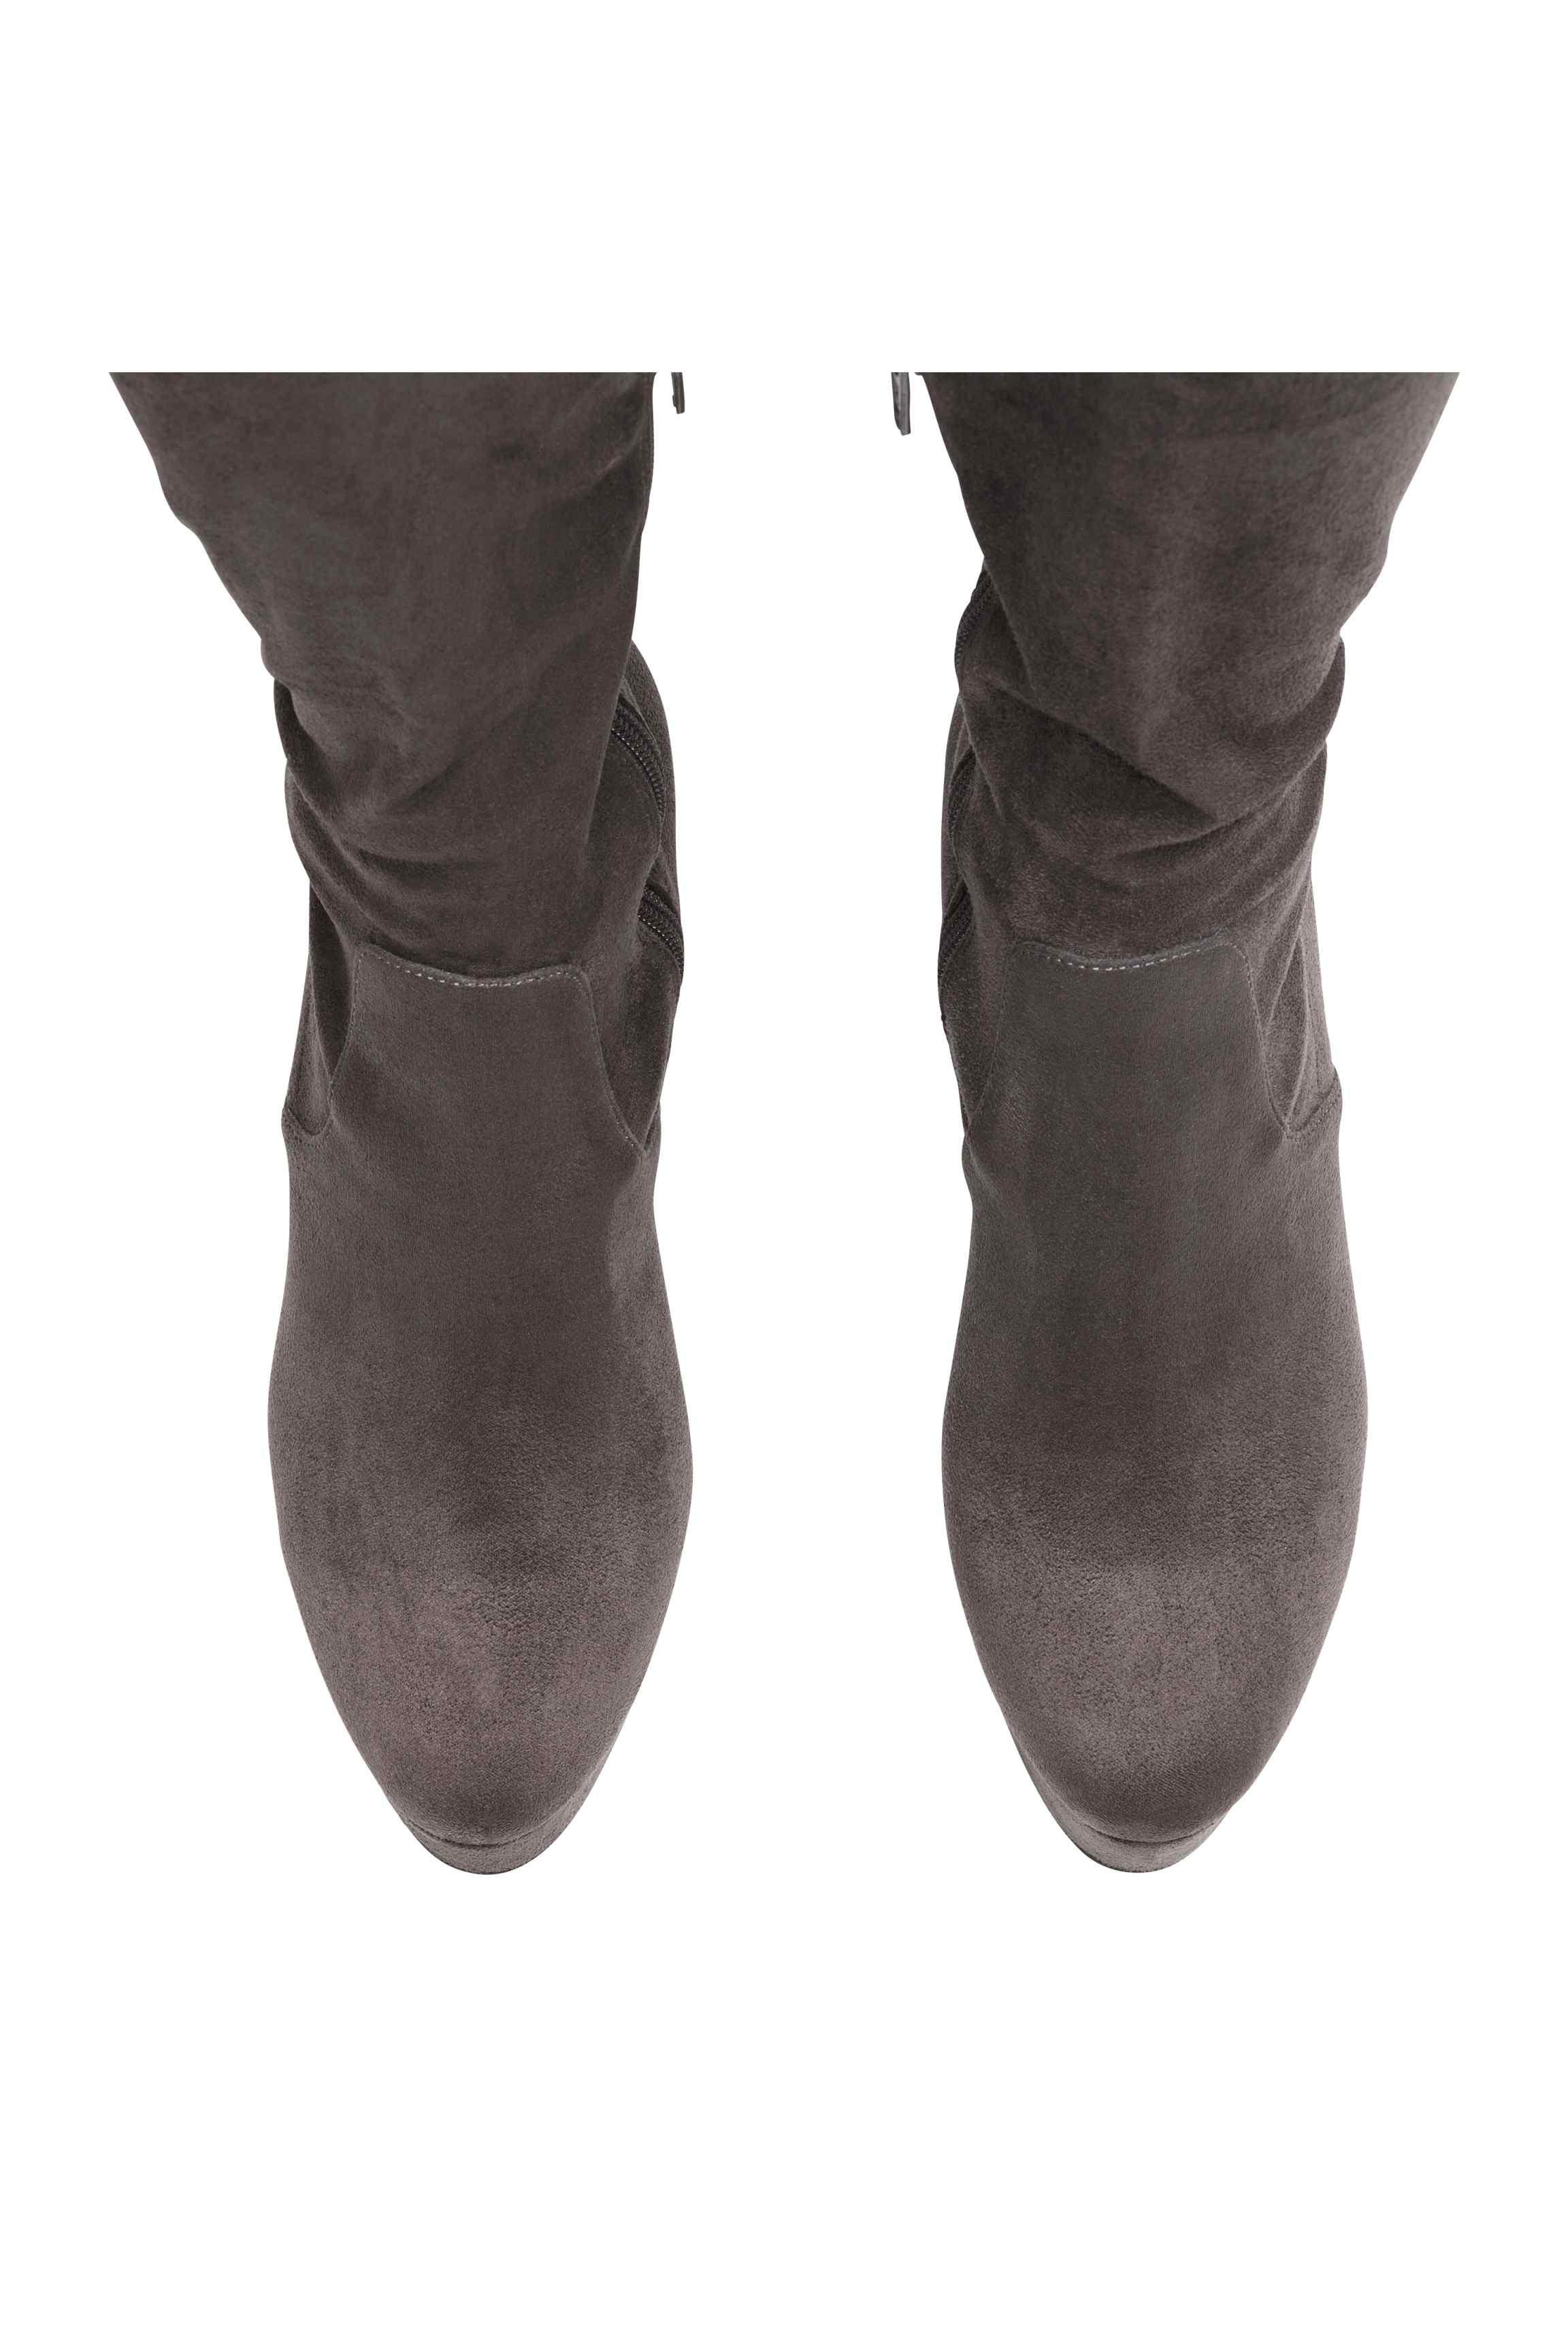 H&M Suede Thigh-high Boots in Dark Grey (Grey)